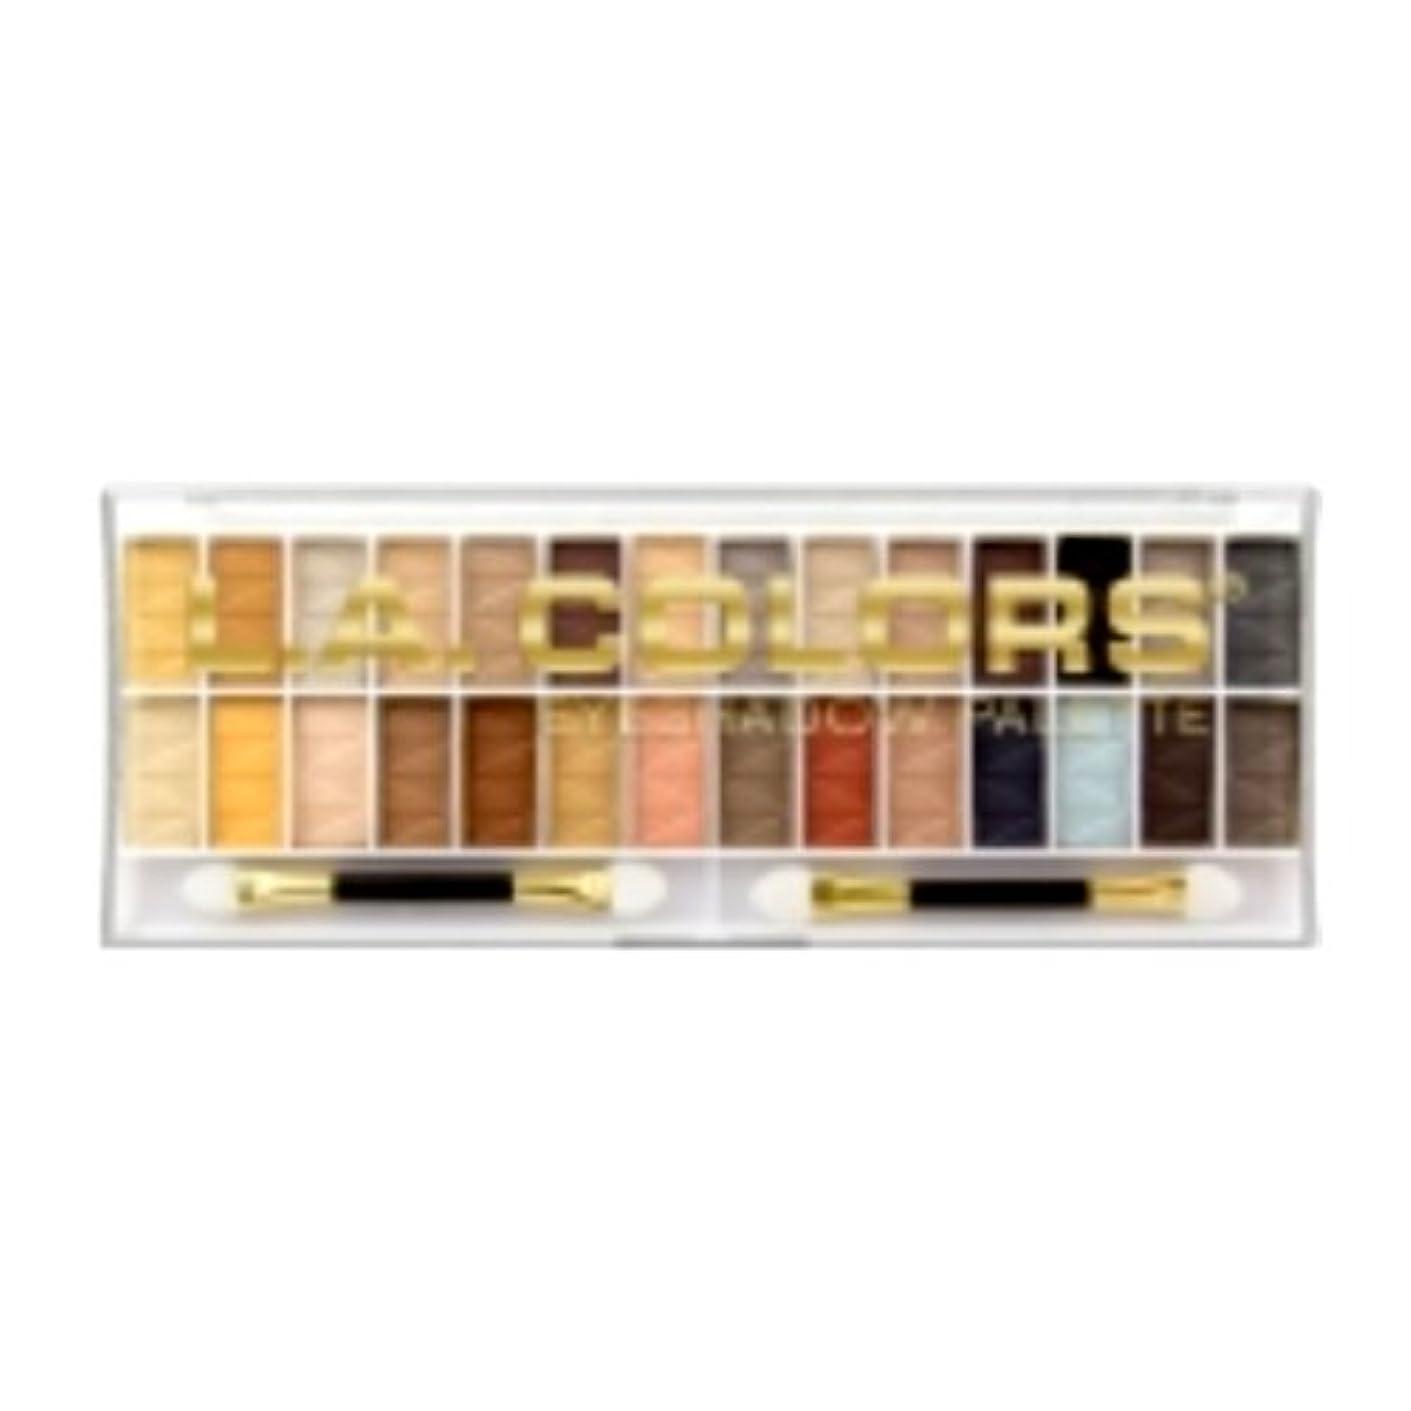 擬人あいにく保証するL.A. COLORS 28 Color Eyeshadow Palette - Hollywood (並行輸入品)